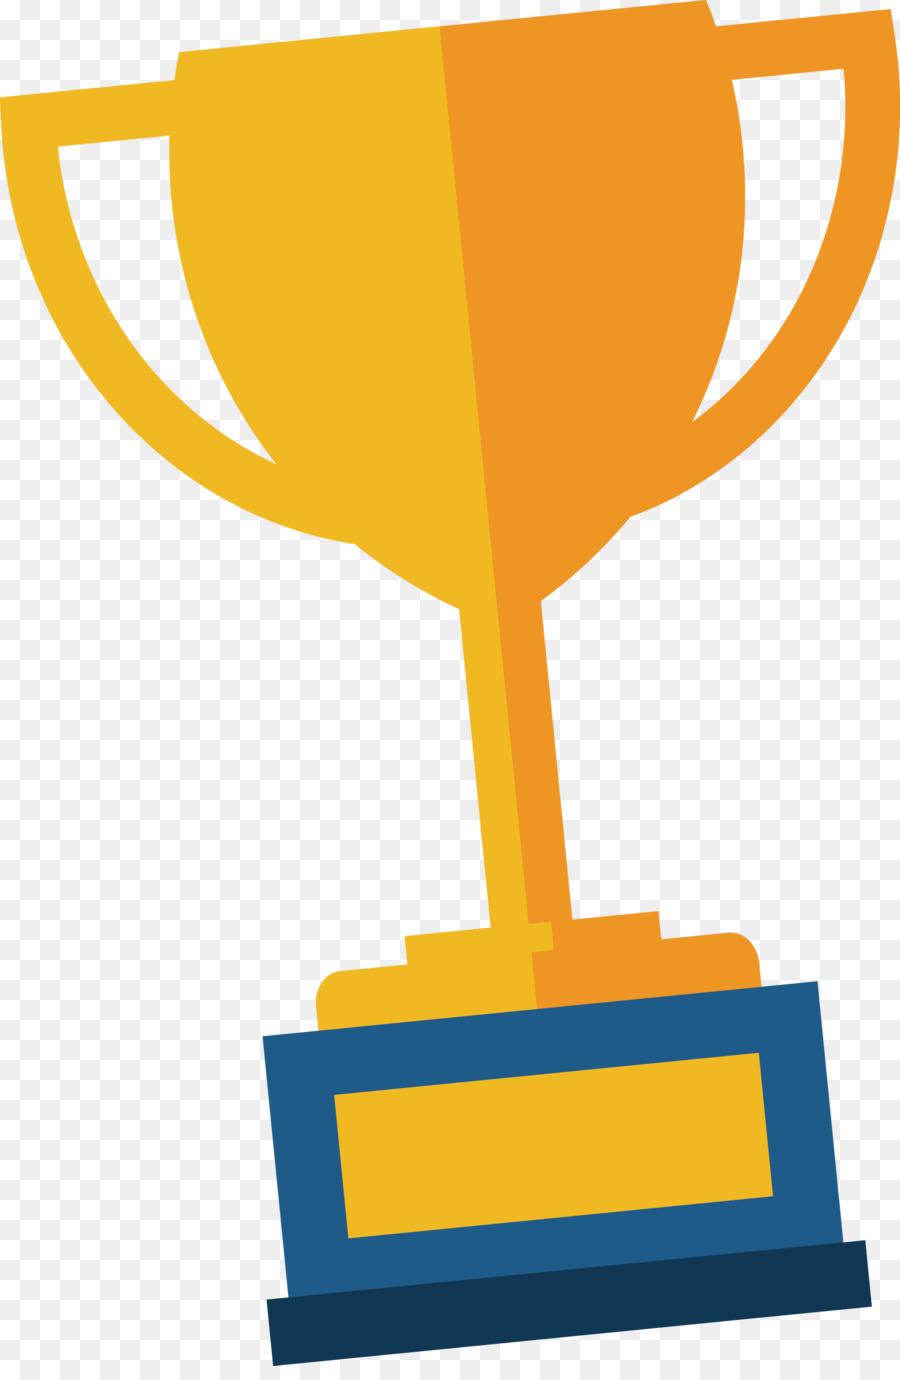 900x1380 Clipart Trophy